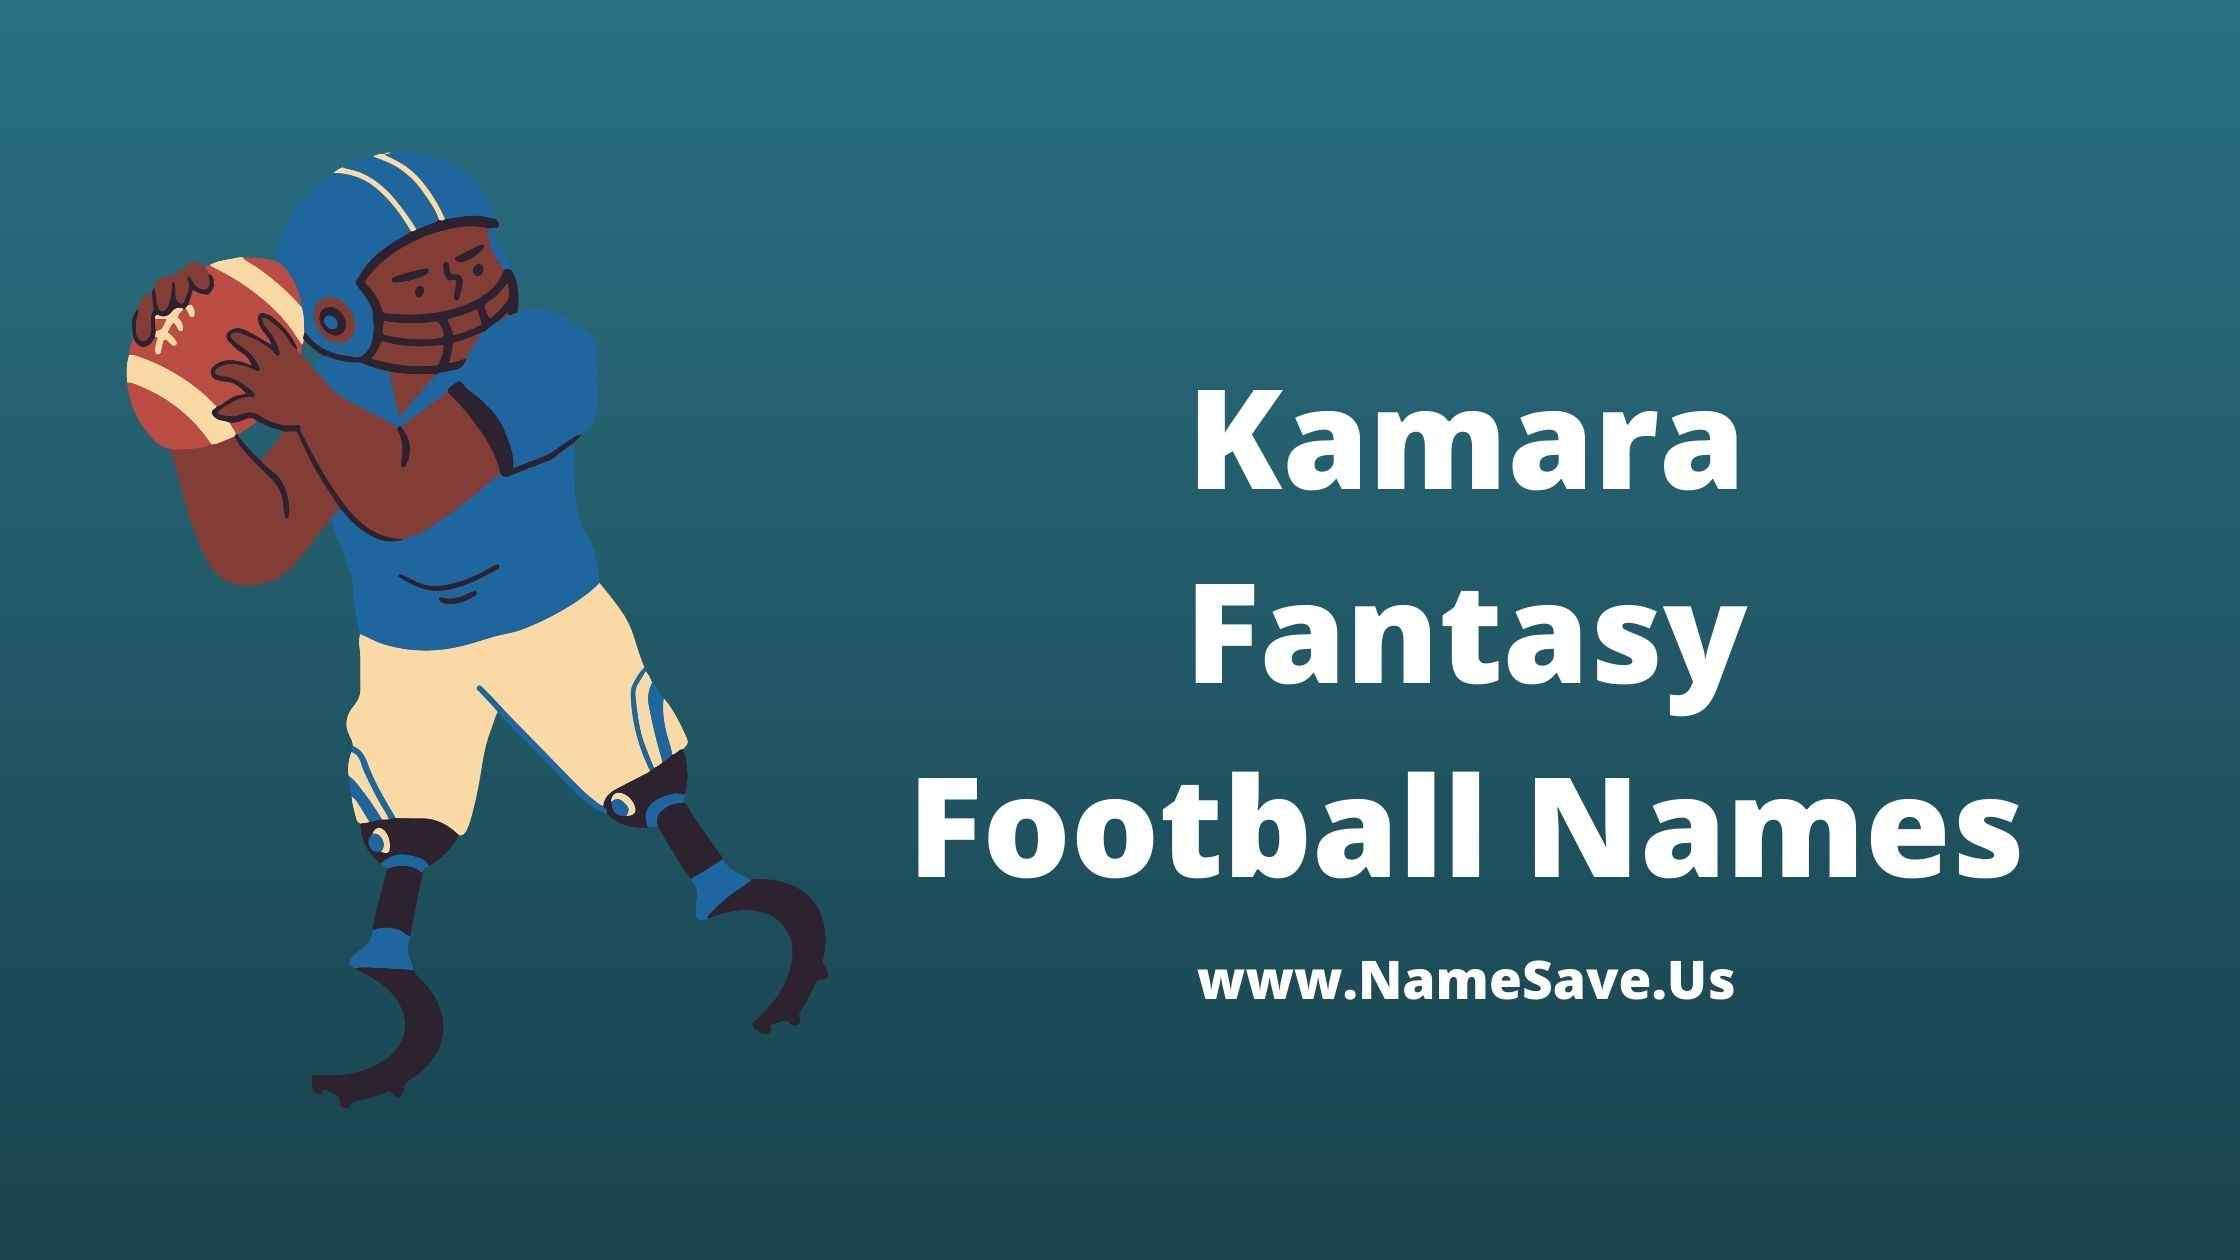 Kamara Fantasy Football Names